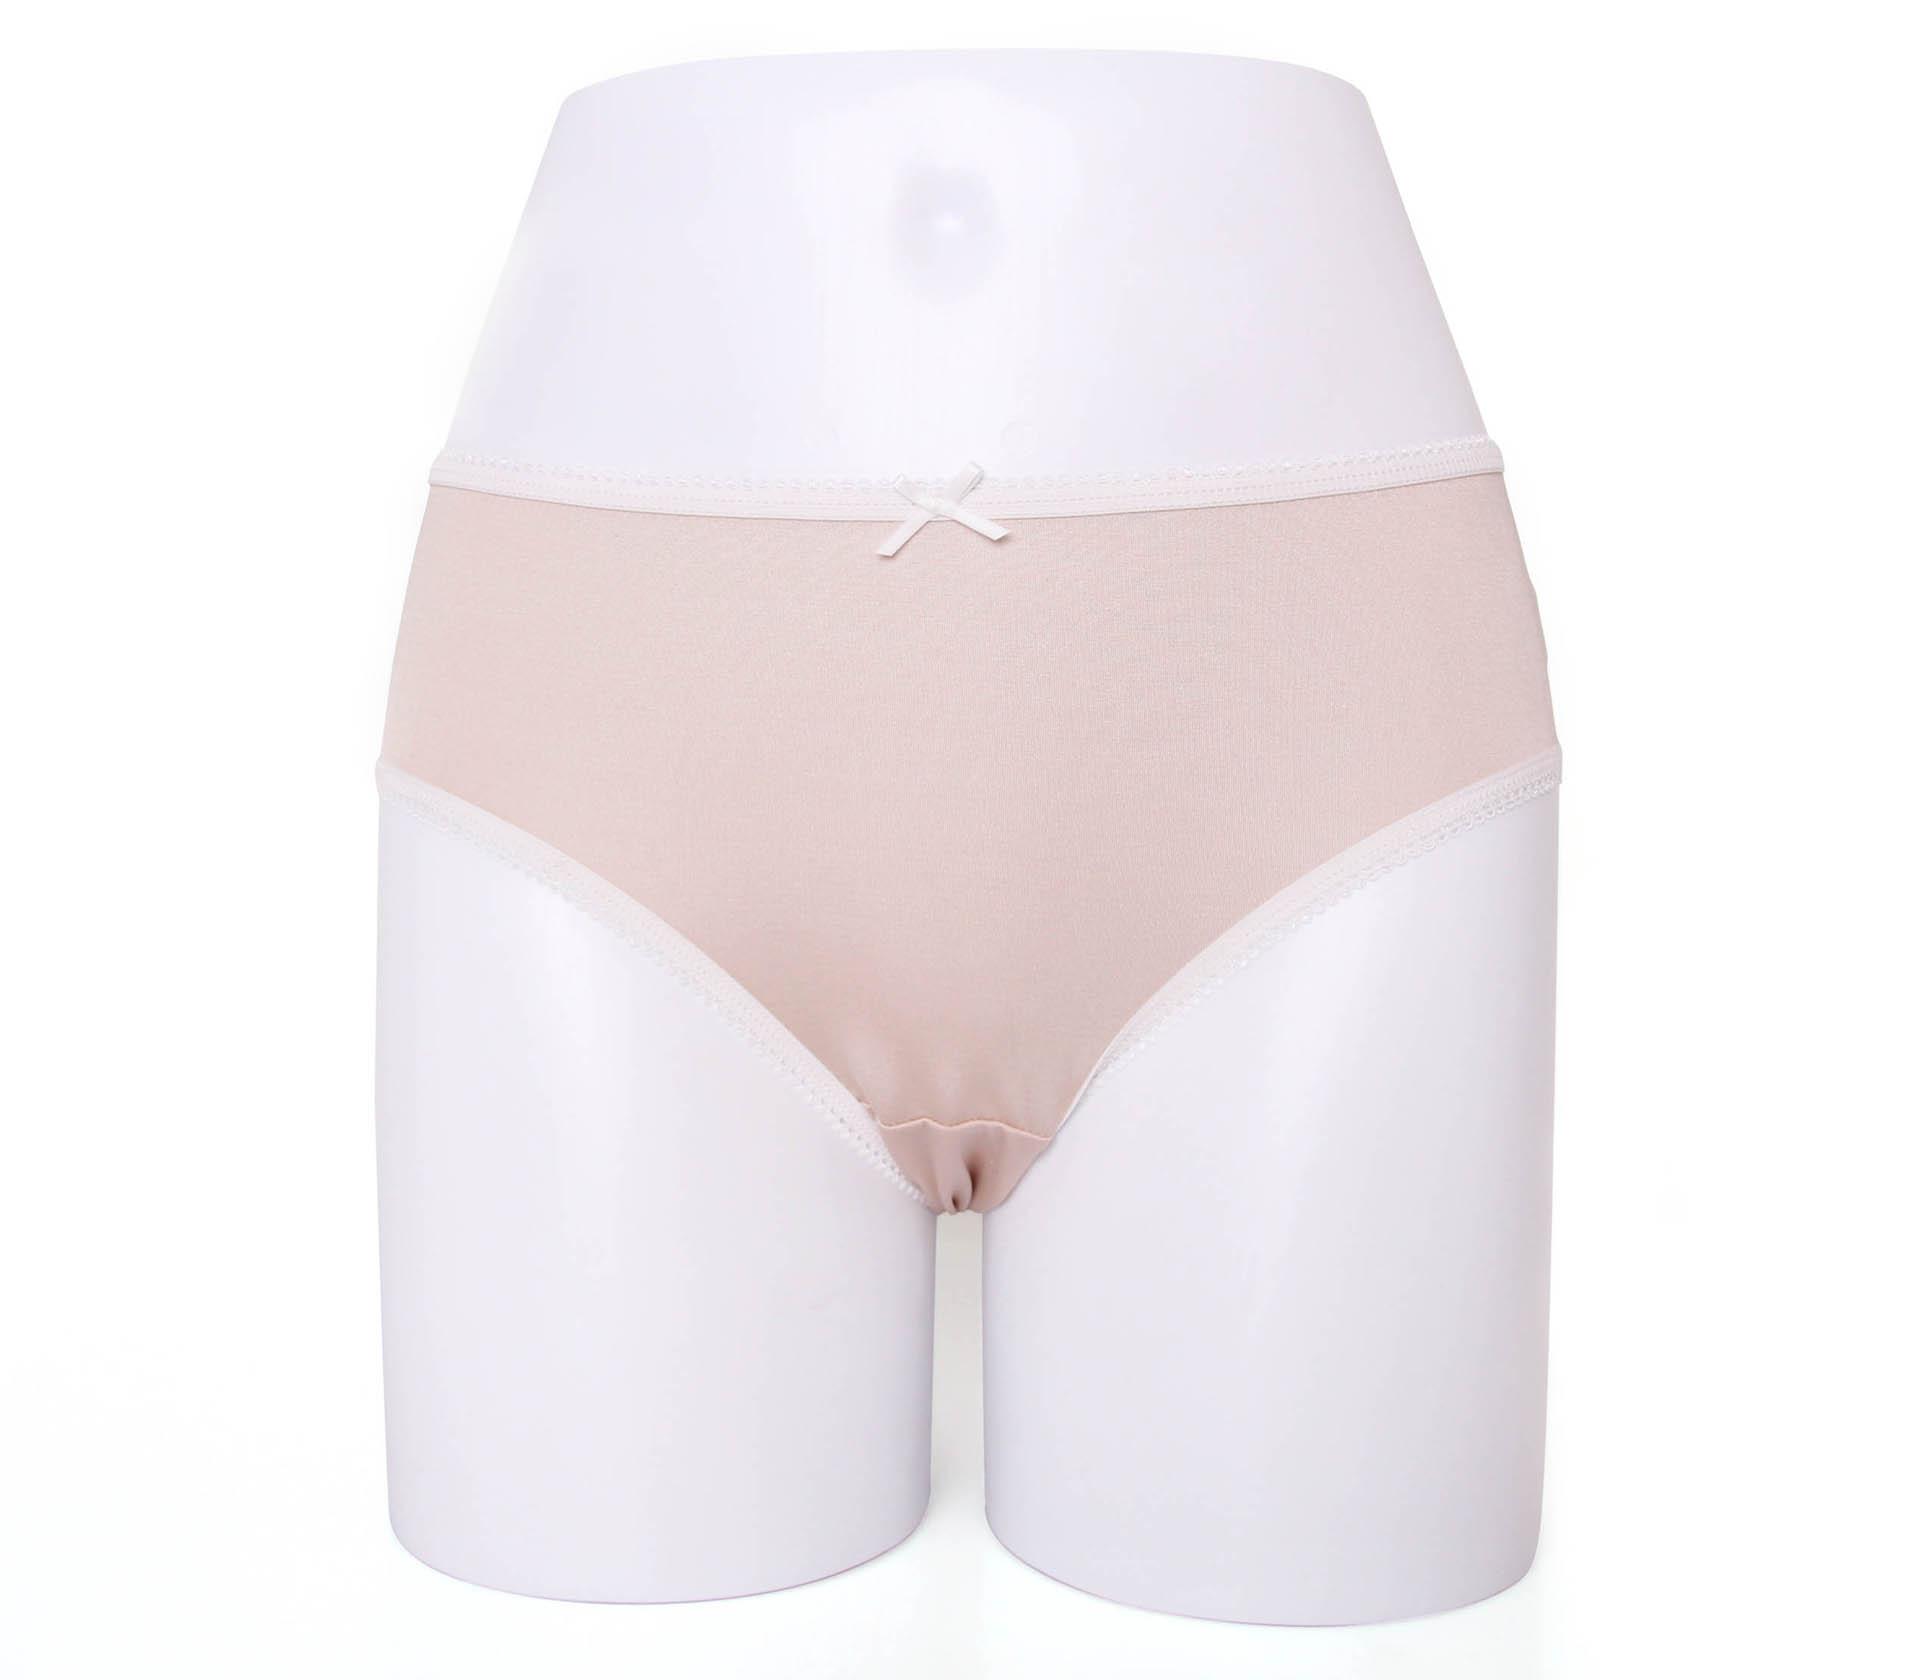 闕蘭絹甜心粉嫩100%蠶絲內褲-88798-1(膚)